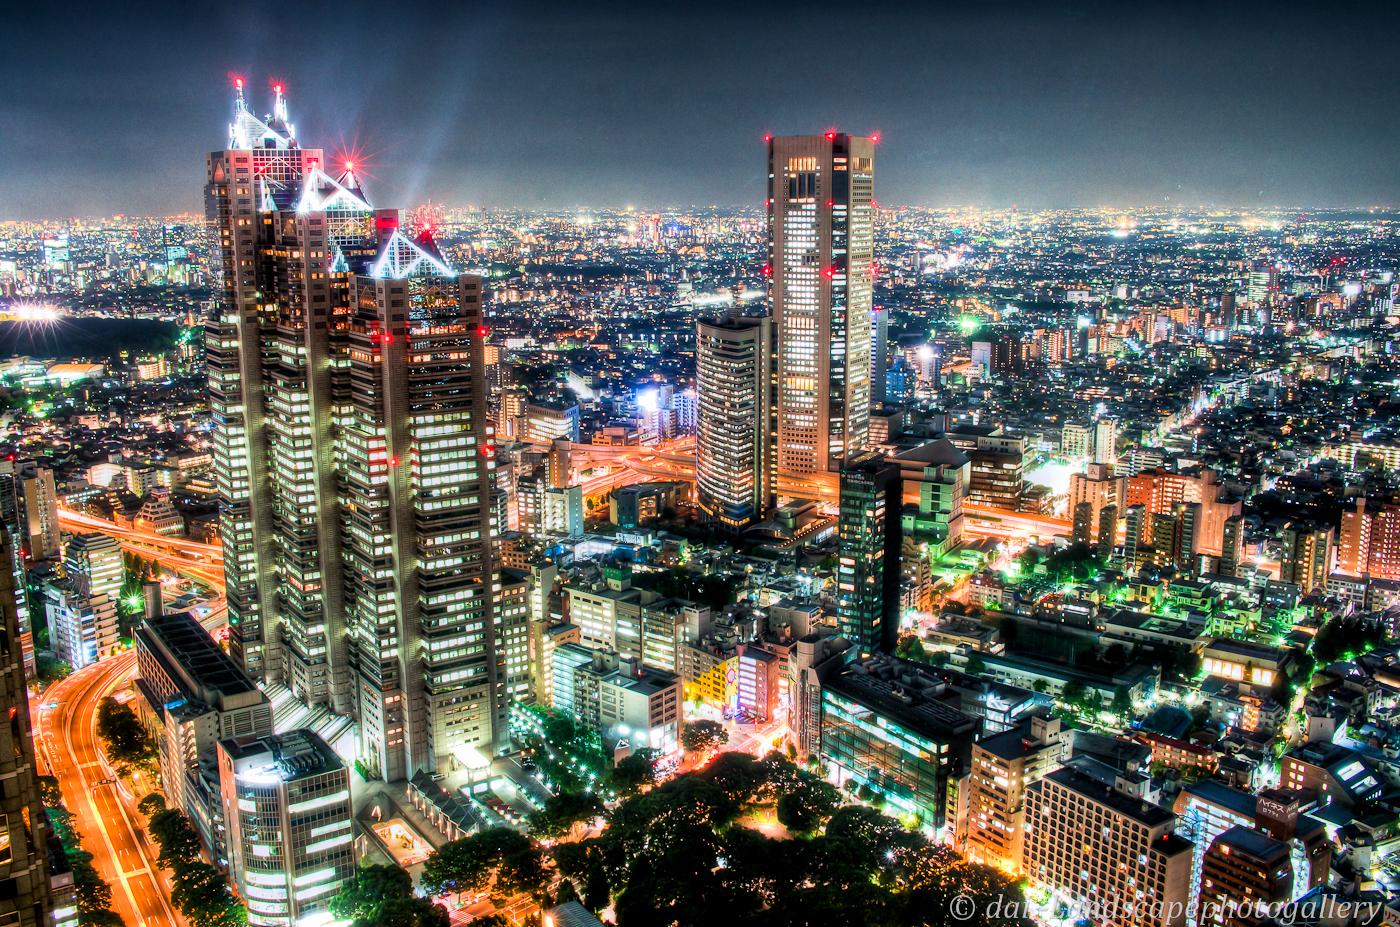 東京都庁展望室からの夜景眺望【HDRi】